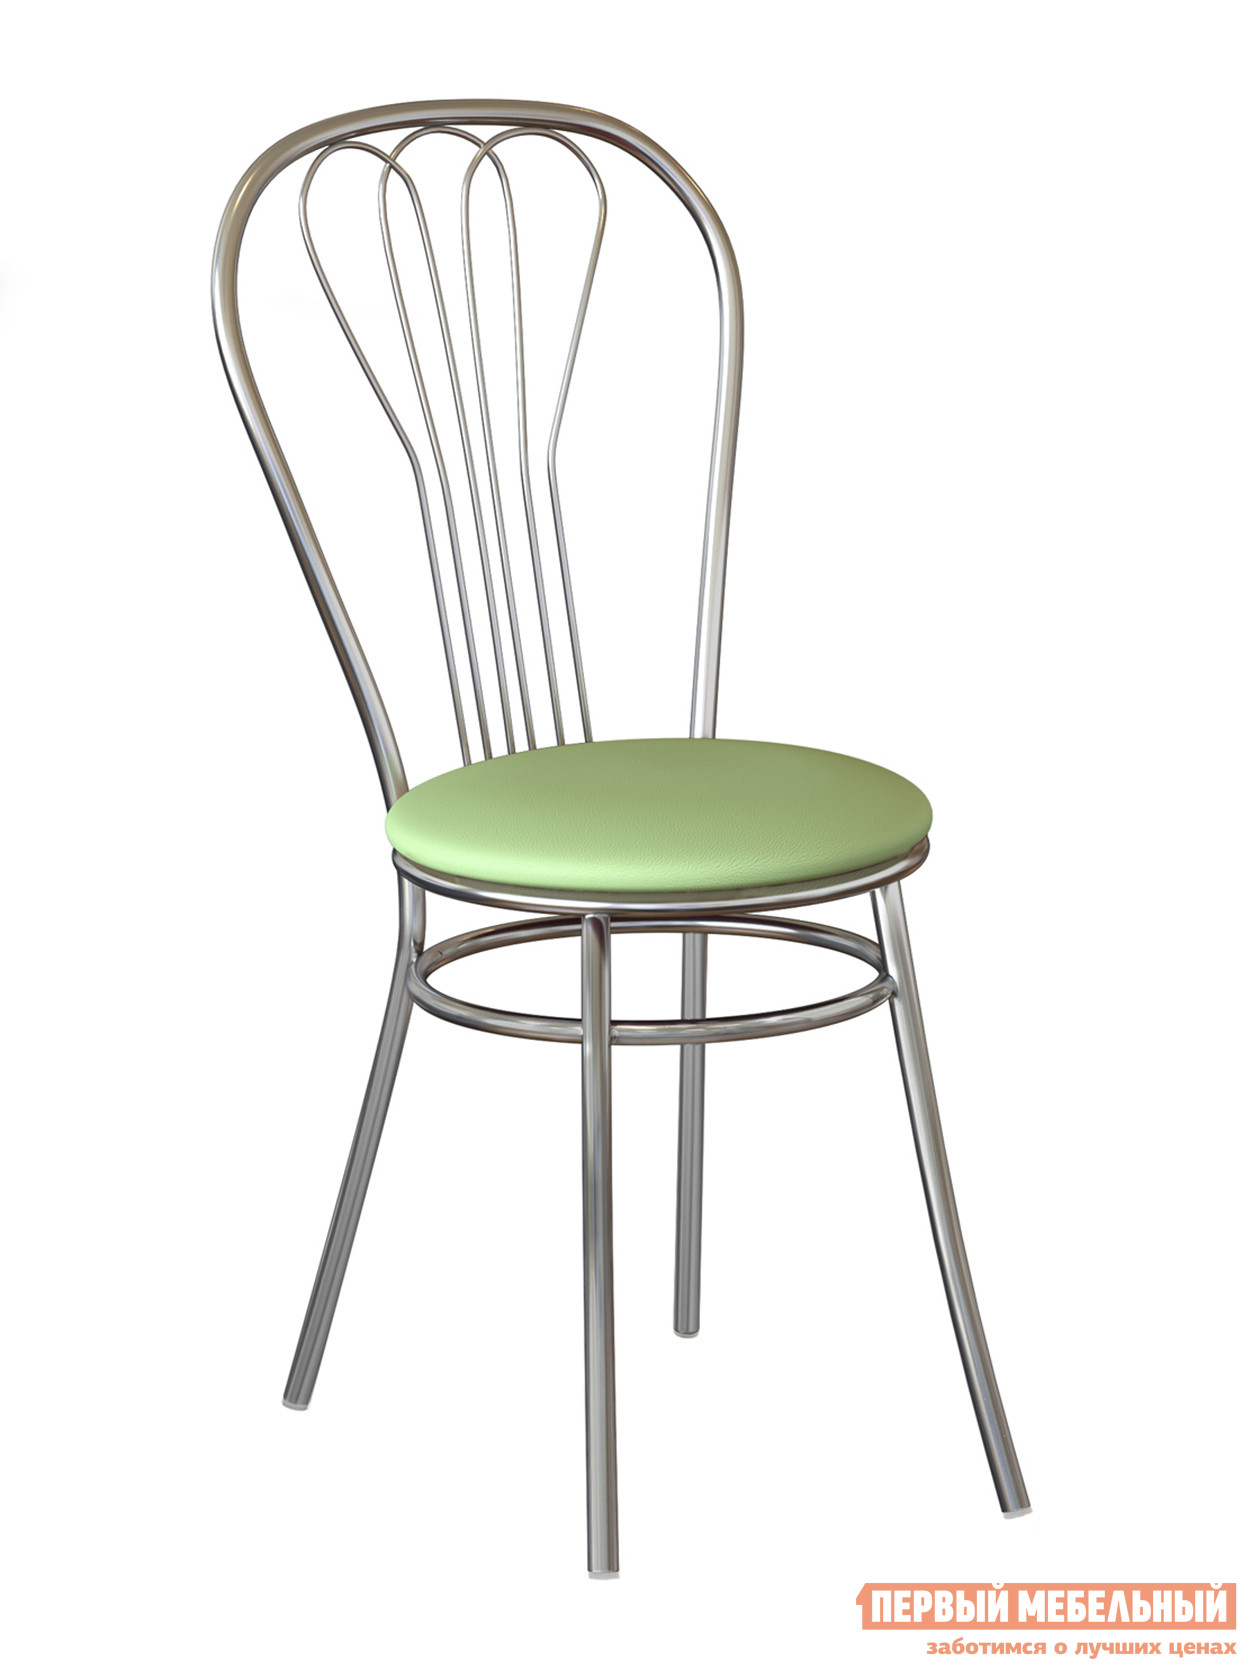 Стул для кухни Первый Мебельный Стул Рио стул первый мебельный комфорт